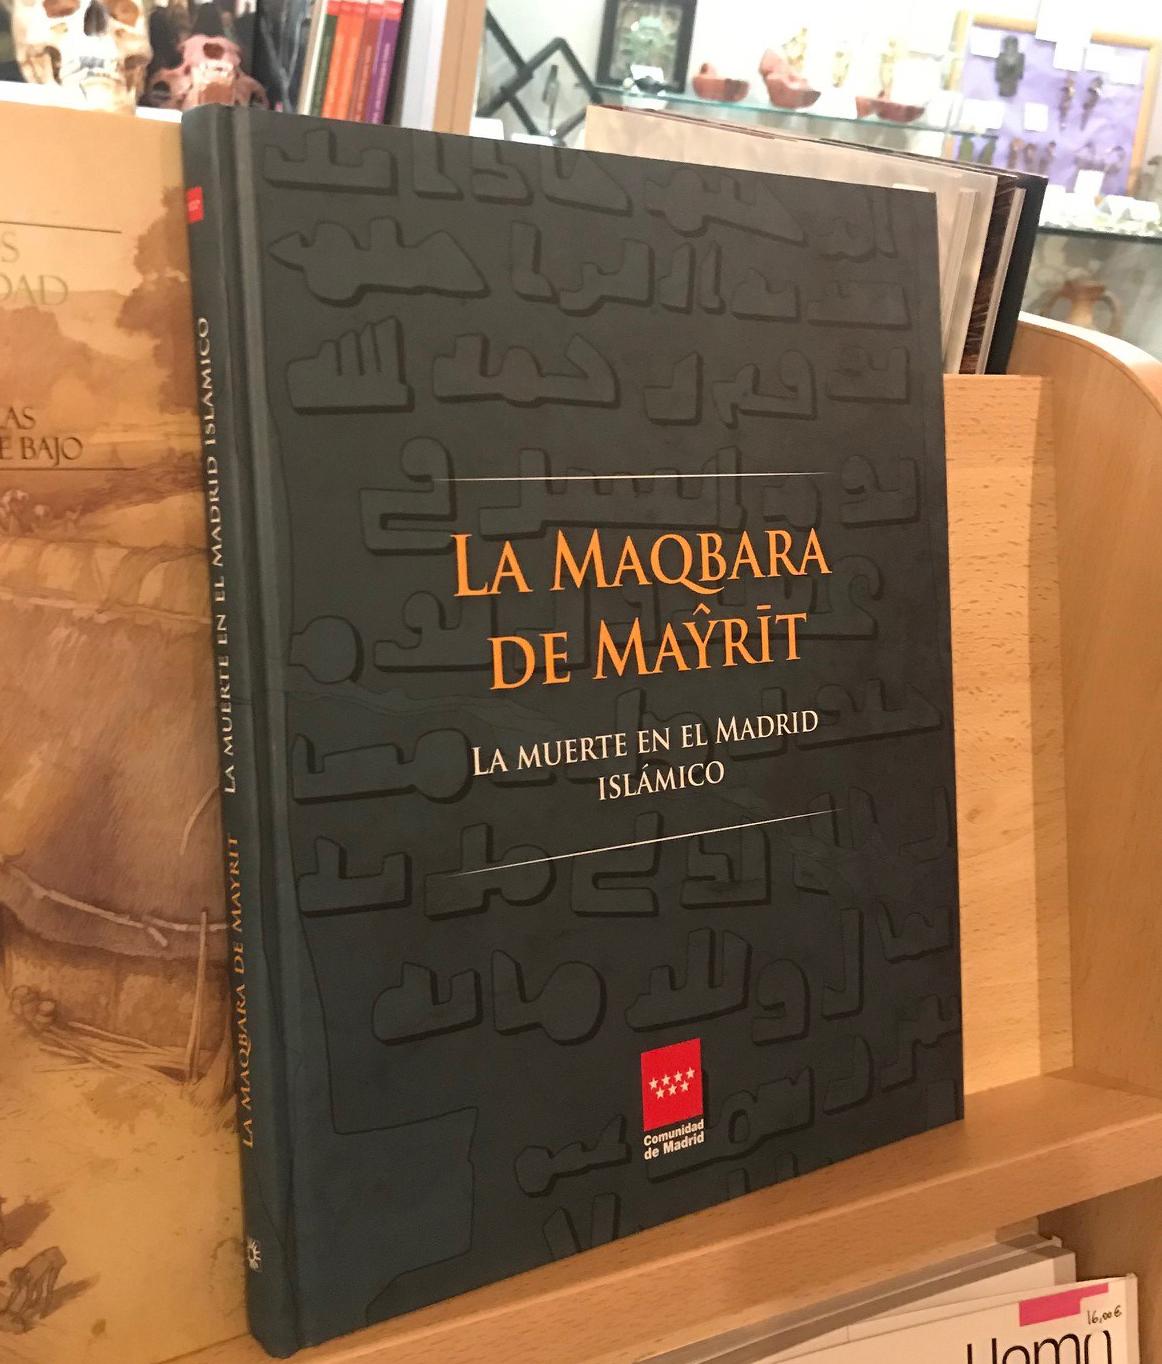 La maqbara de Mayrit: la muerte en el Madrid islámico